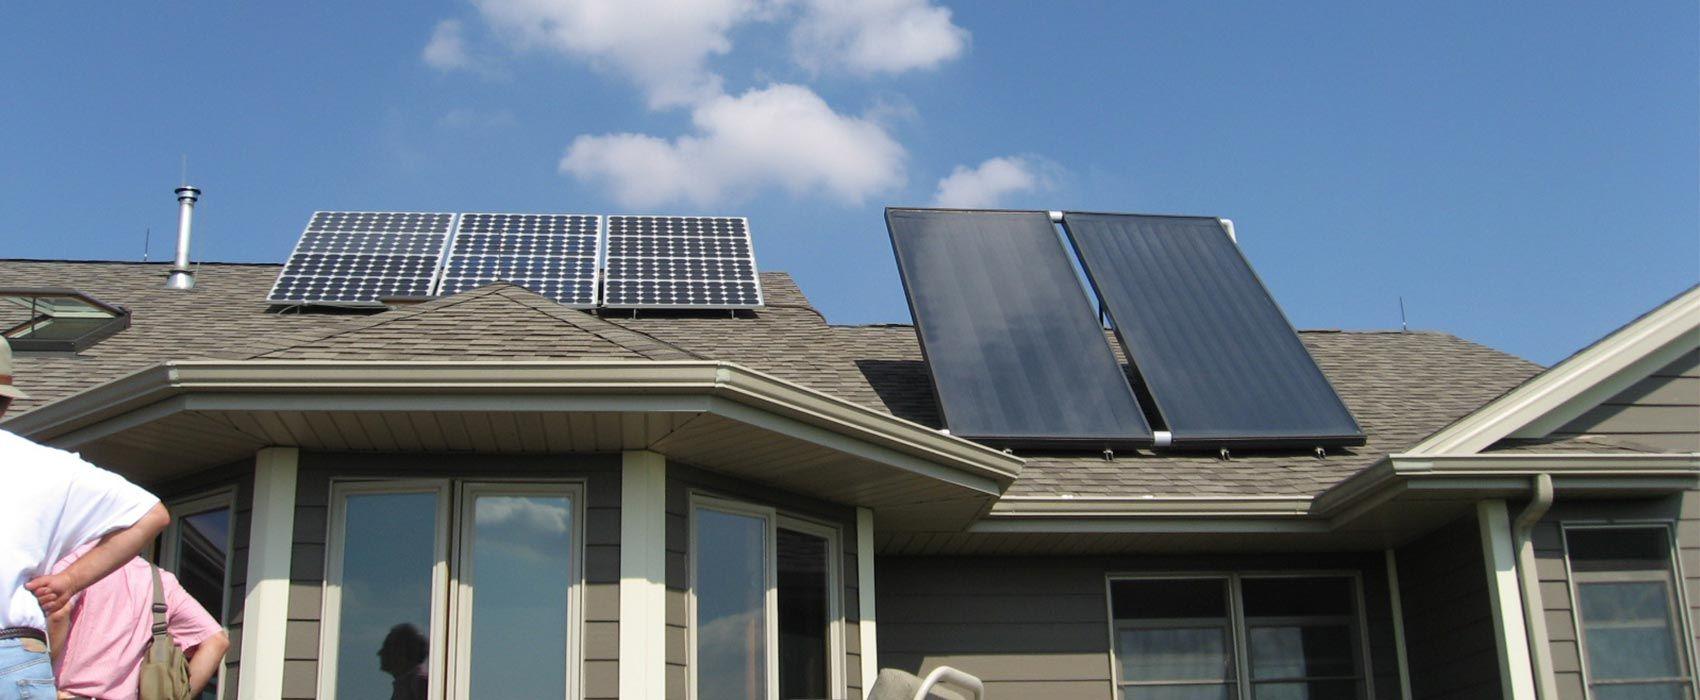 2000 par mois pendant 20 ans gr ce aux panneaux solaires co construction et habitat durable. Black Bedroom Furniture Sets. Home Design Ideas